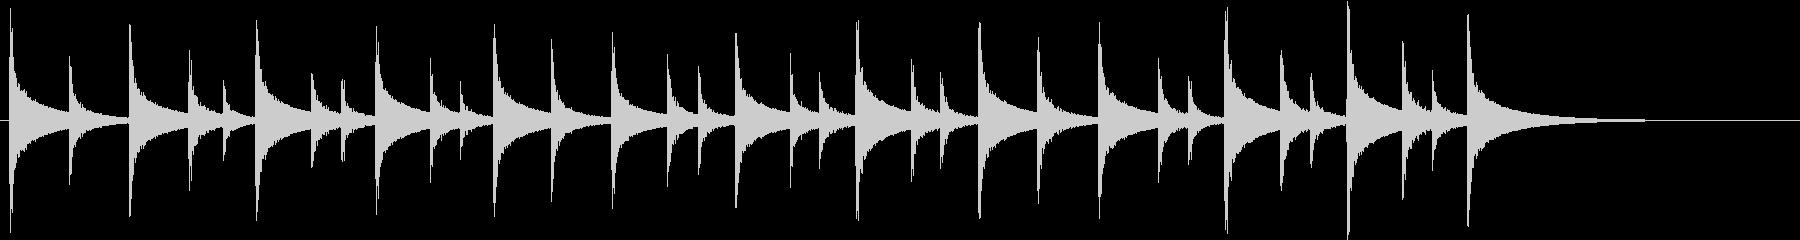 カウベル:短いリズム、ベル、コミッ...の未再生の波形